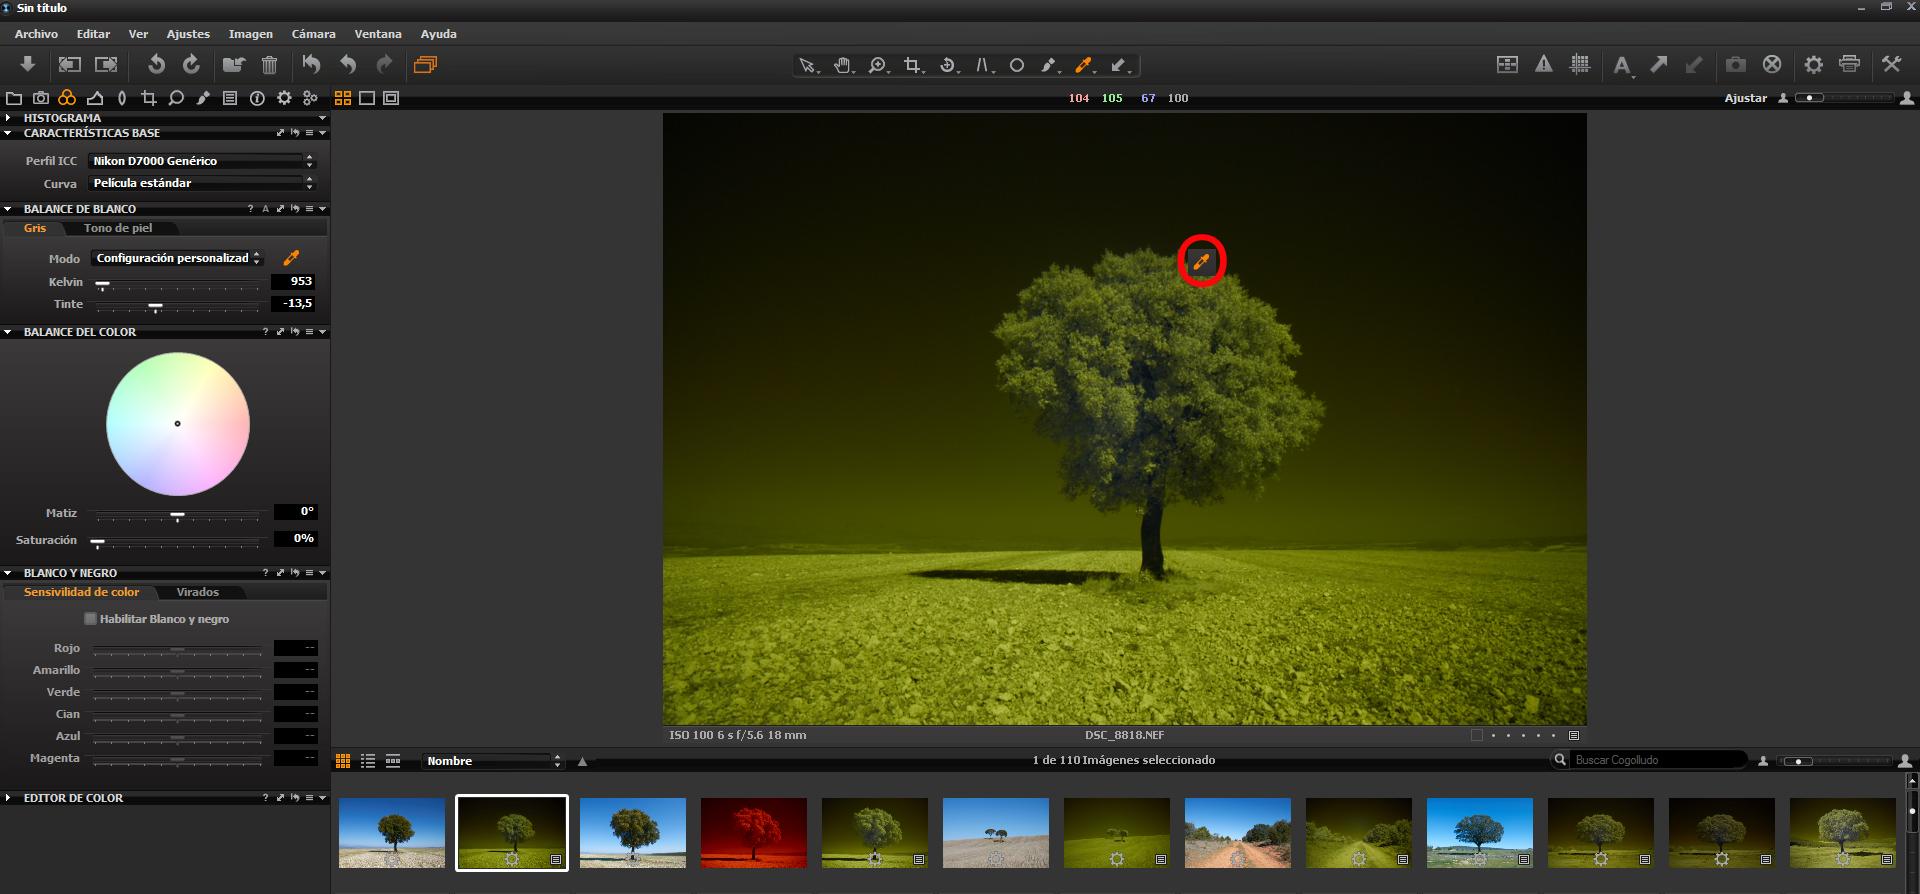 Как превратить пейзажное фото в сюрреалистическое инфракрасное изображение - 3